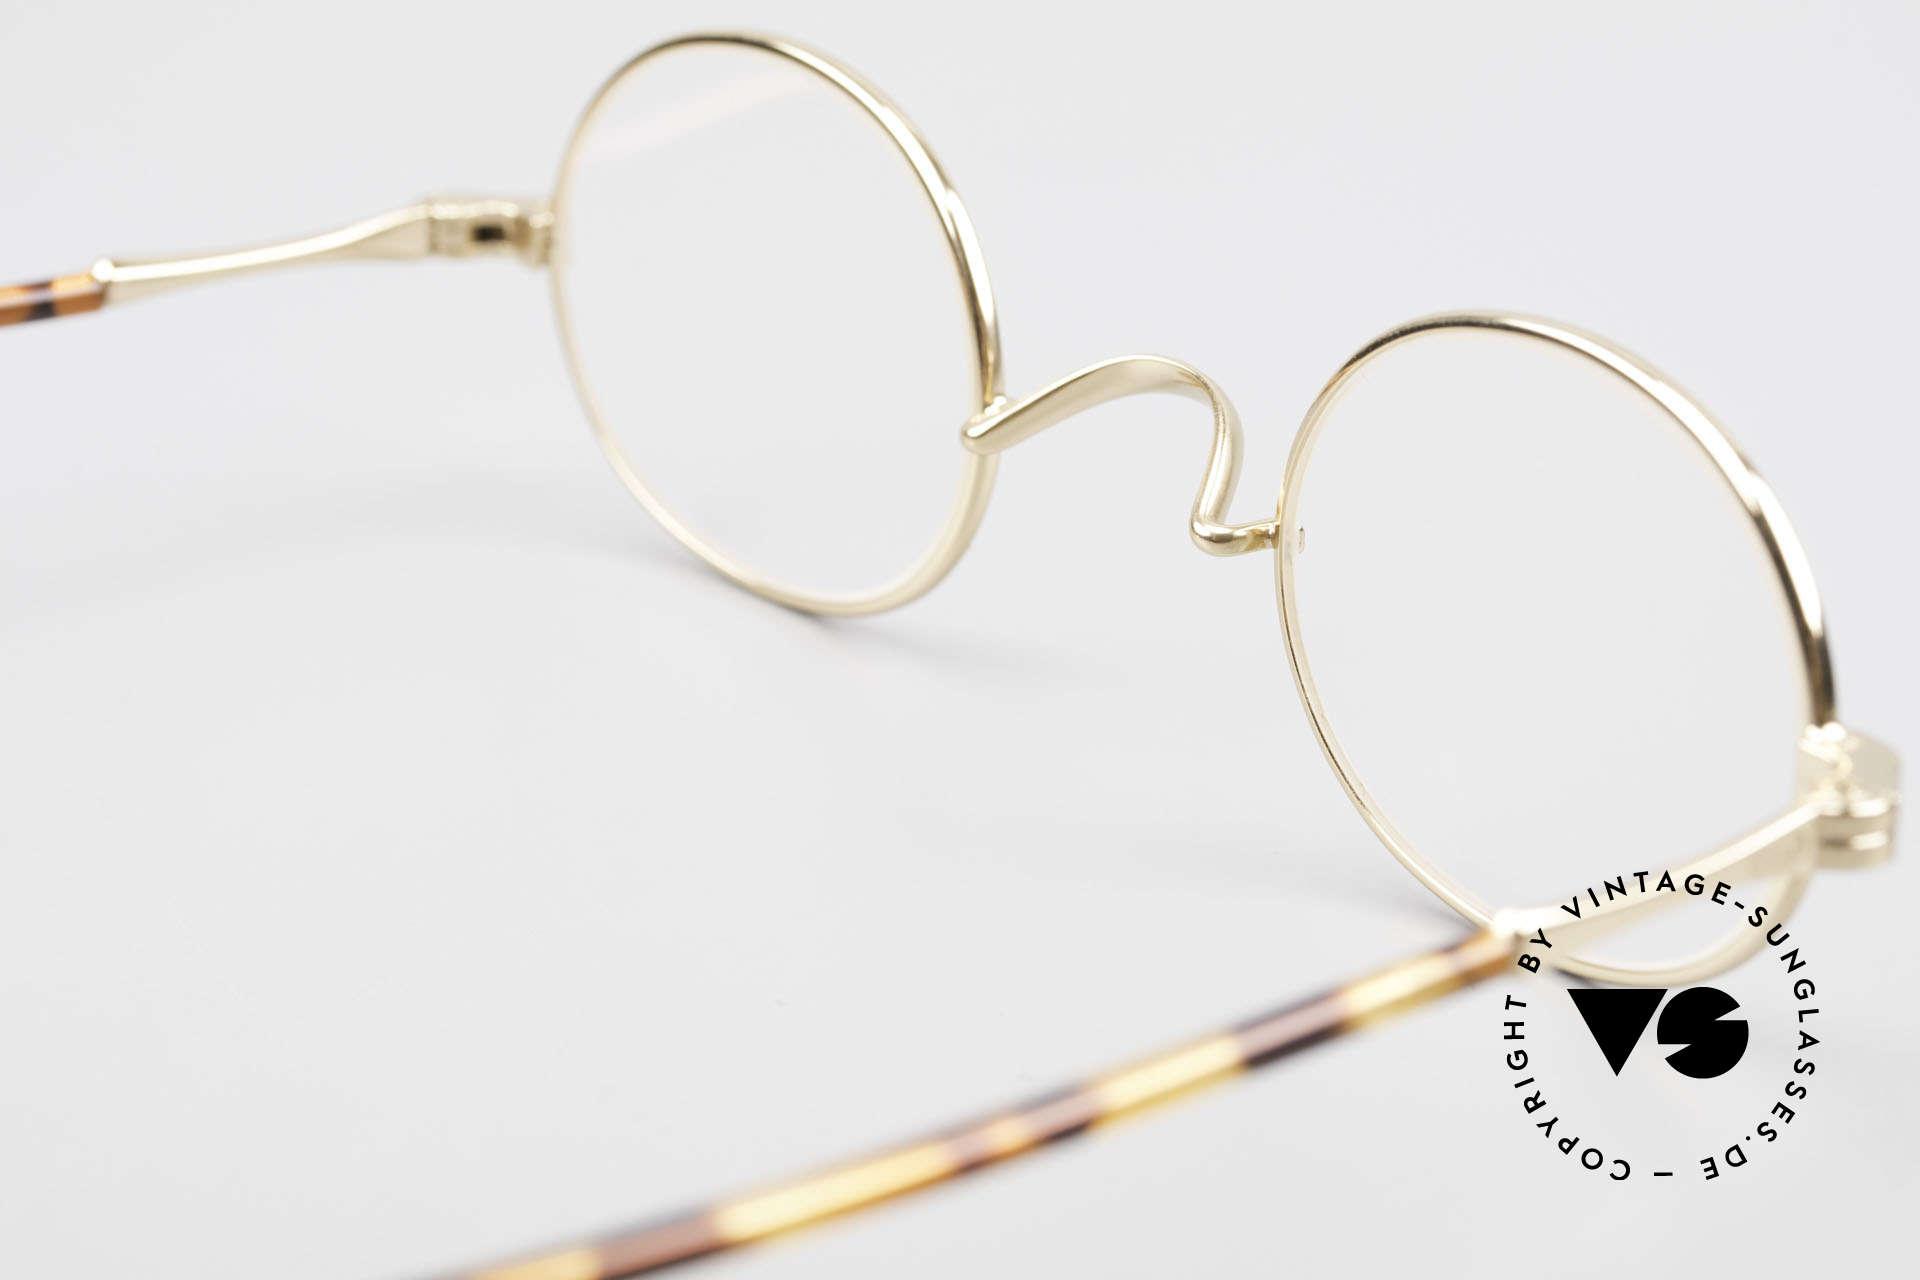 Lunor II A 10 Ovale Vintage Brille Vergoldet, ovale, vergoldete Metall-Fassung mit Acetat-Bügeln, Passend für Herren und Damen